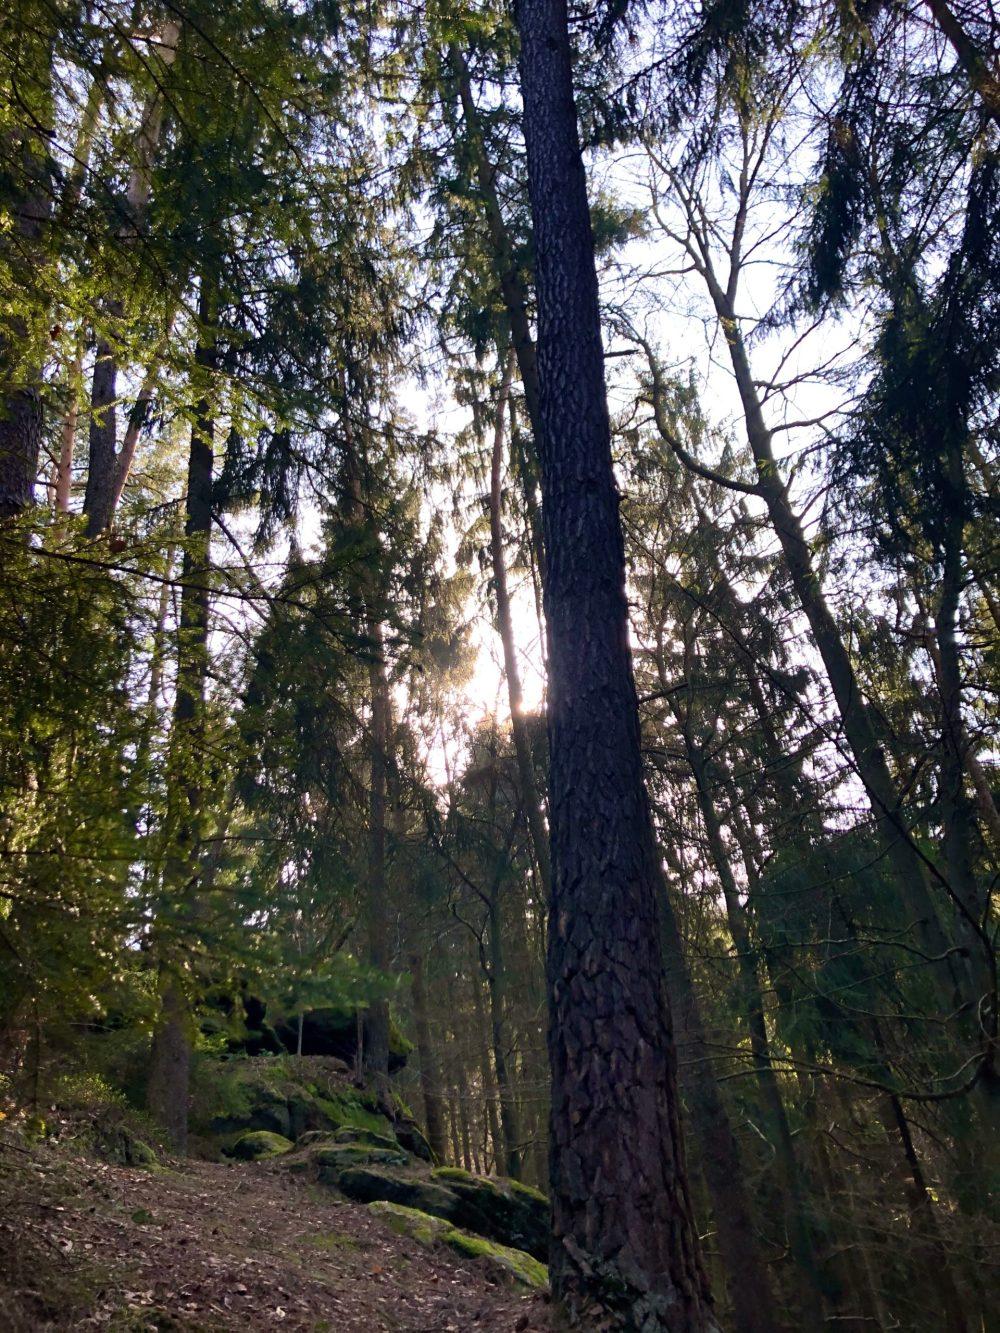 Sonne strahlt zwischen den Ästen der Bäume hervor